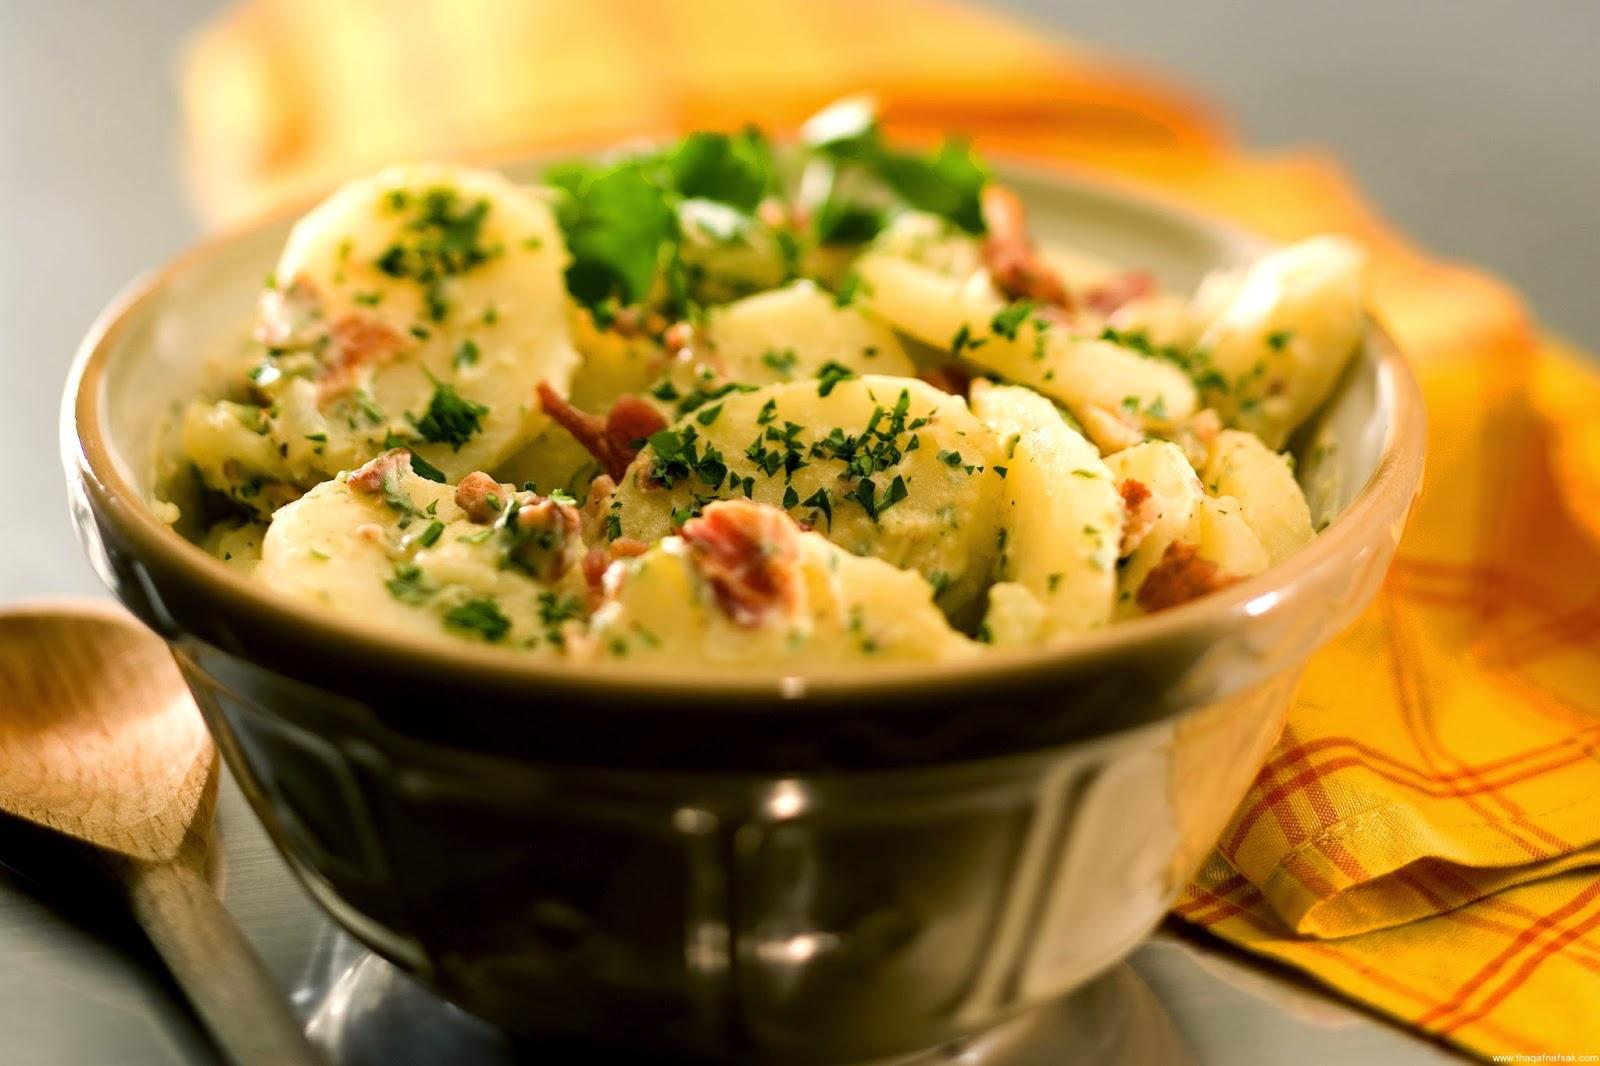 طريقة عمل سلطة البطاطس بالكاري